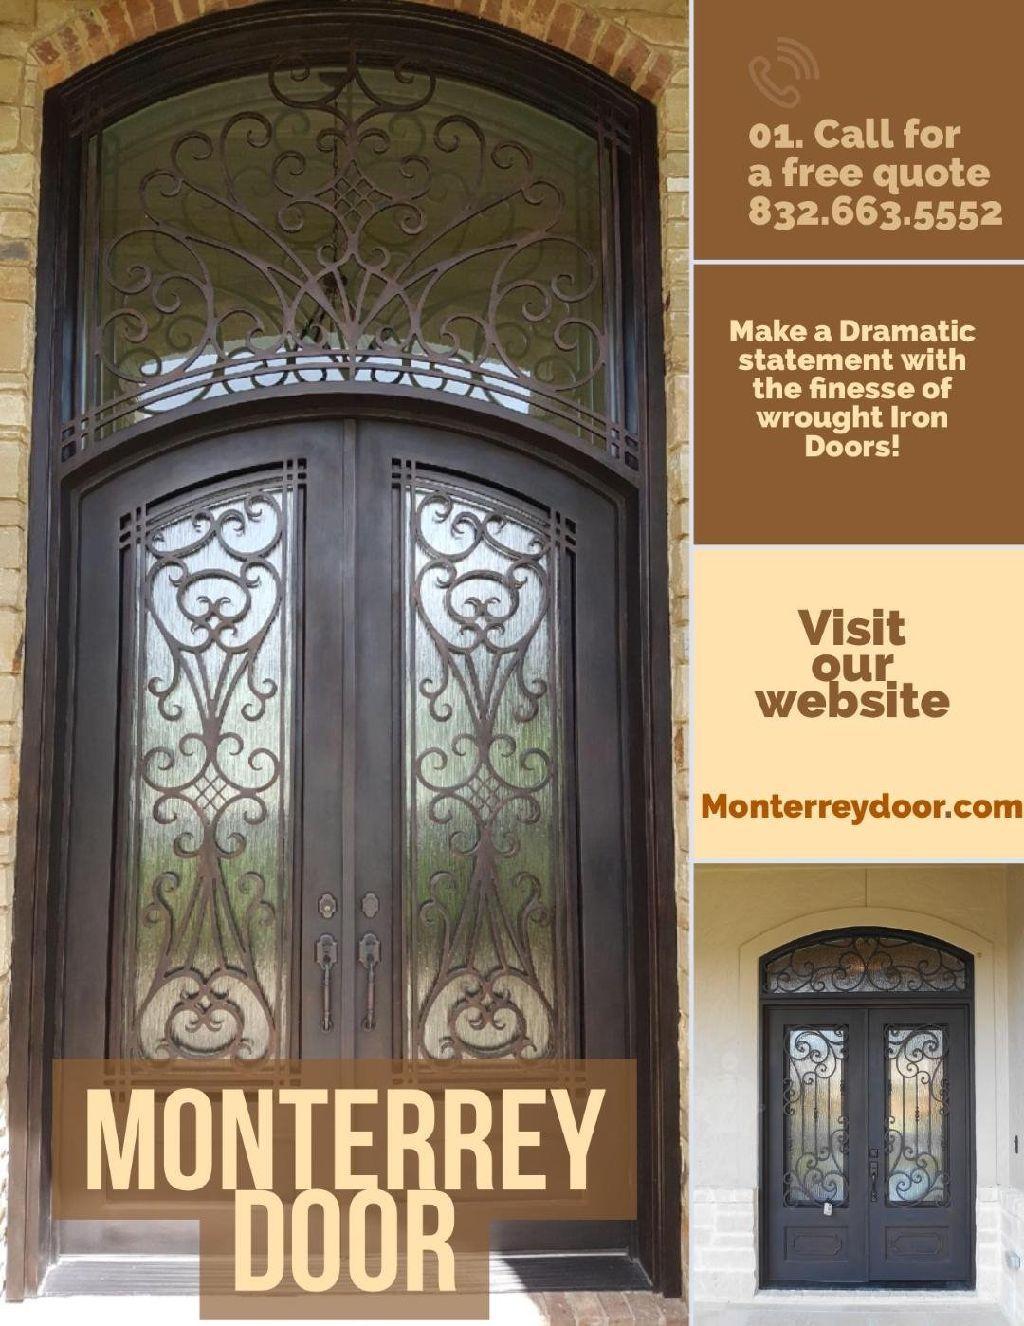 Wrought Iron Doors And More Wrought Iron Doors Iron Doors